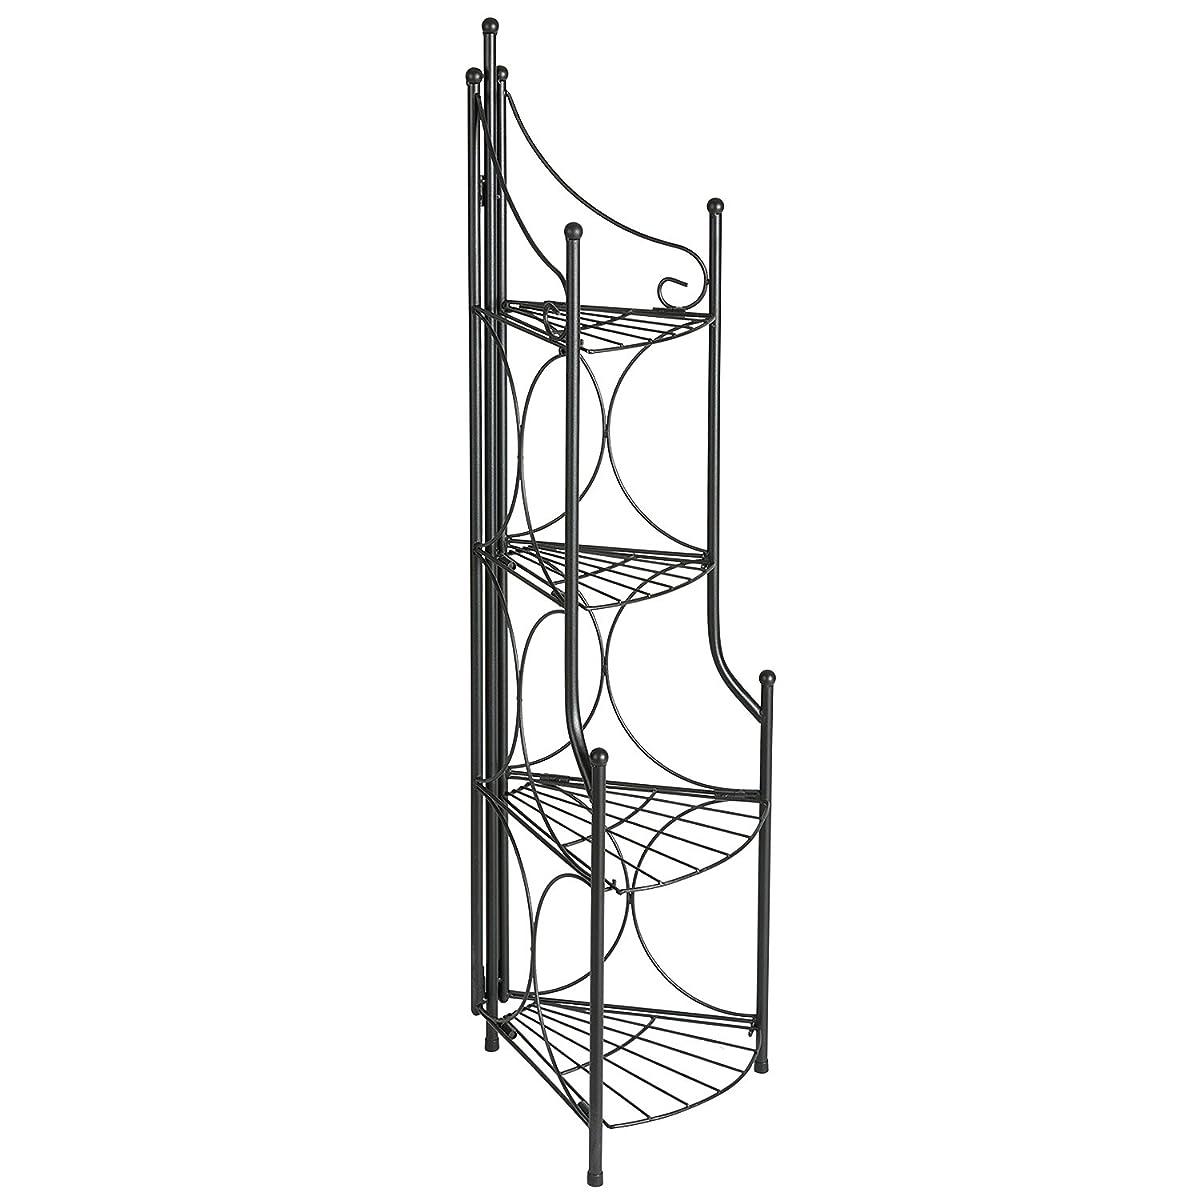 DOEWORKS 4 Tier Folding Plant Stand Pot Rack & Metal Corner Shelf, Storage Shelves for Living Room Bedroom,11.2 L x 11.8 W x 43.3 H